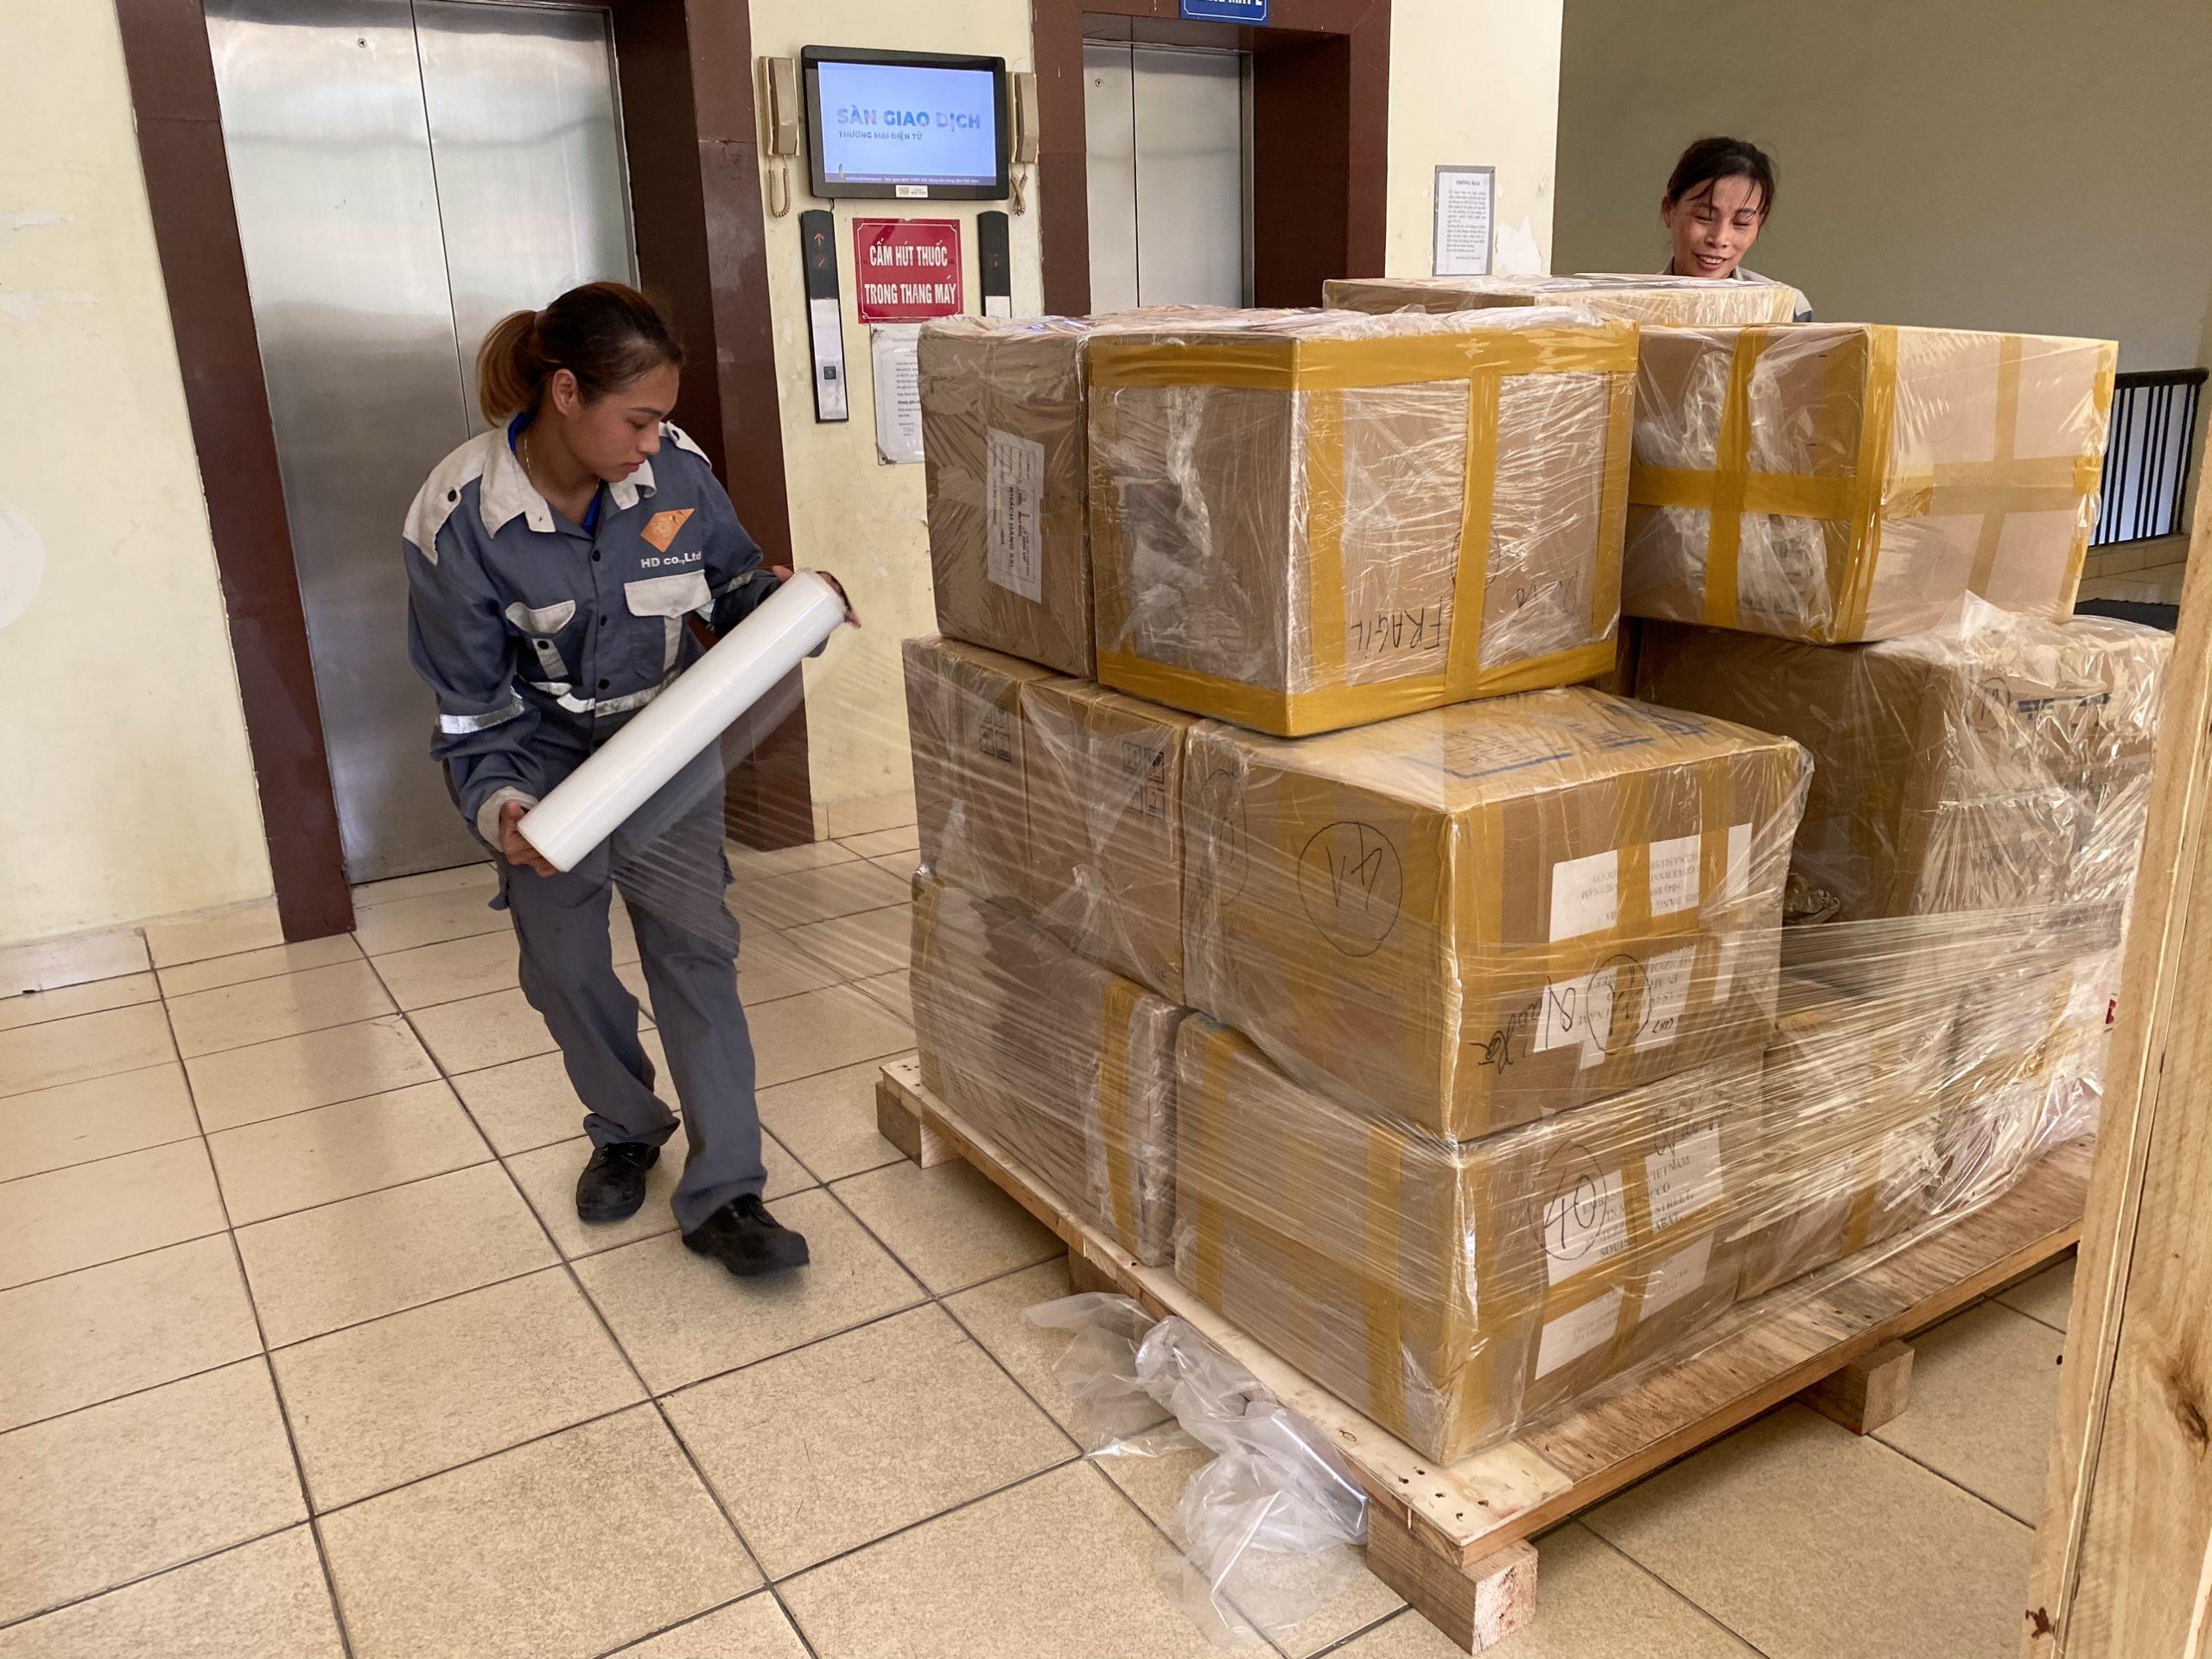 Vận chuyển đường biển hàng lẻ và hàng nguyên container cùng Indochina247